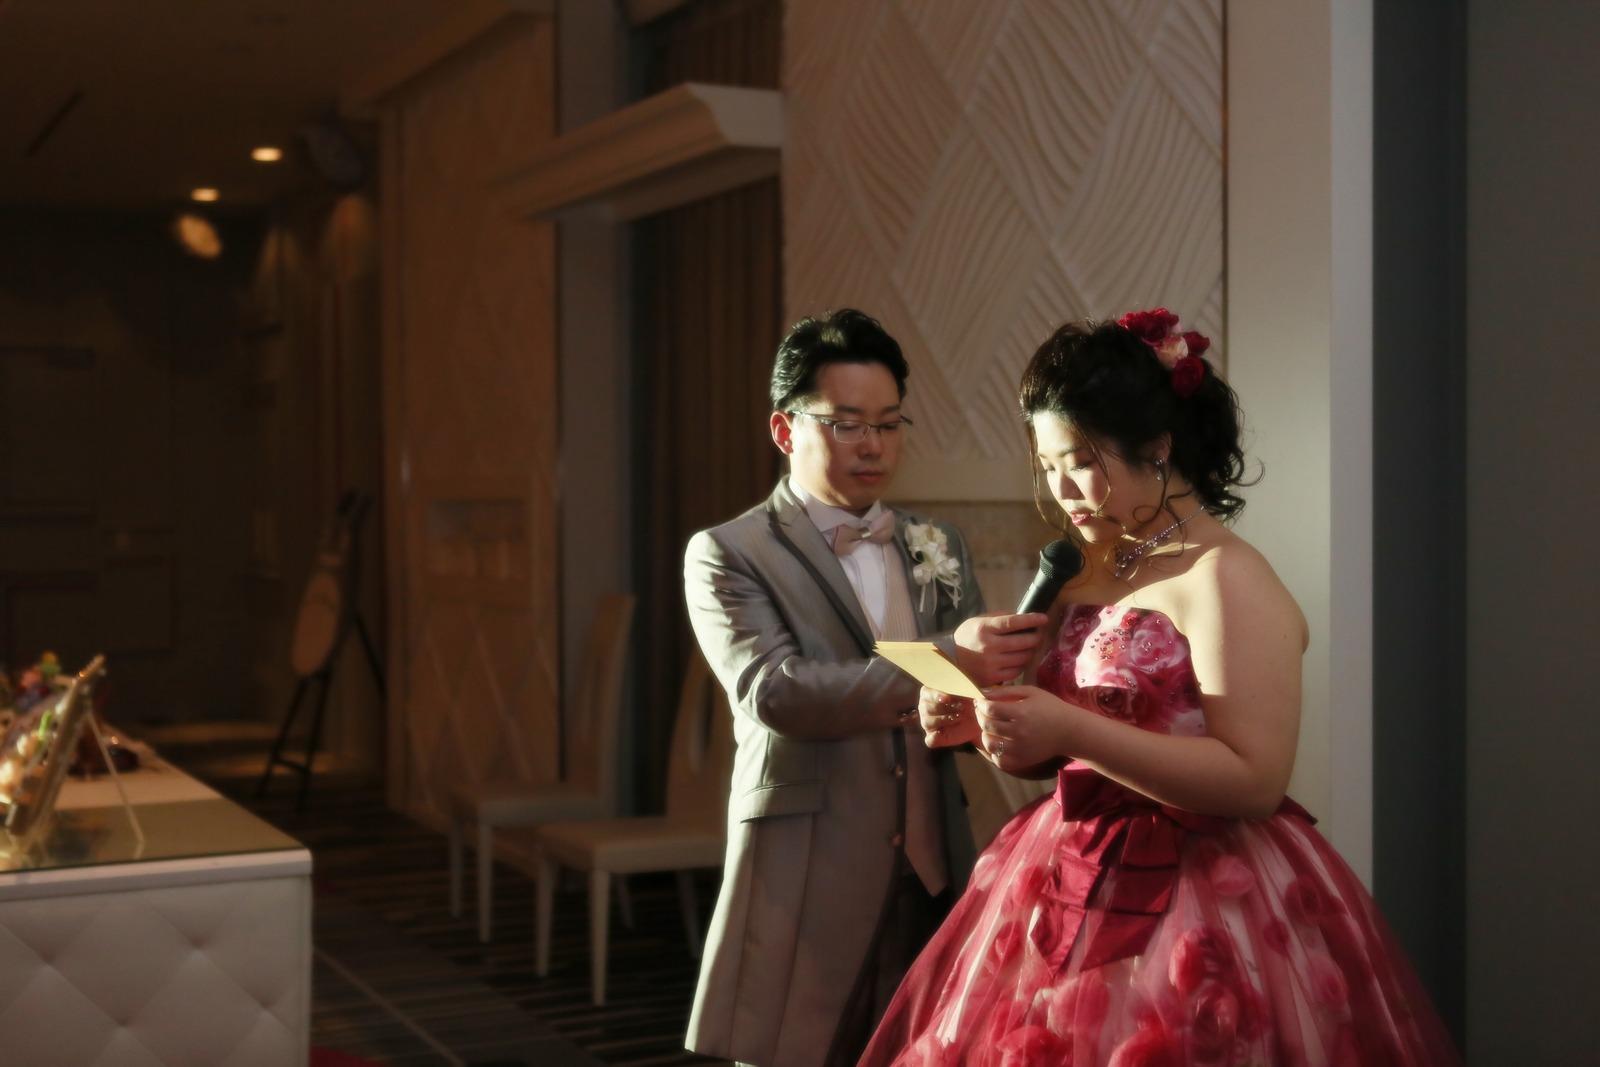 徳島県の結婚式場ブランアンジュで親御様へ感謝の手紙を読む新婦